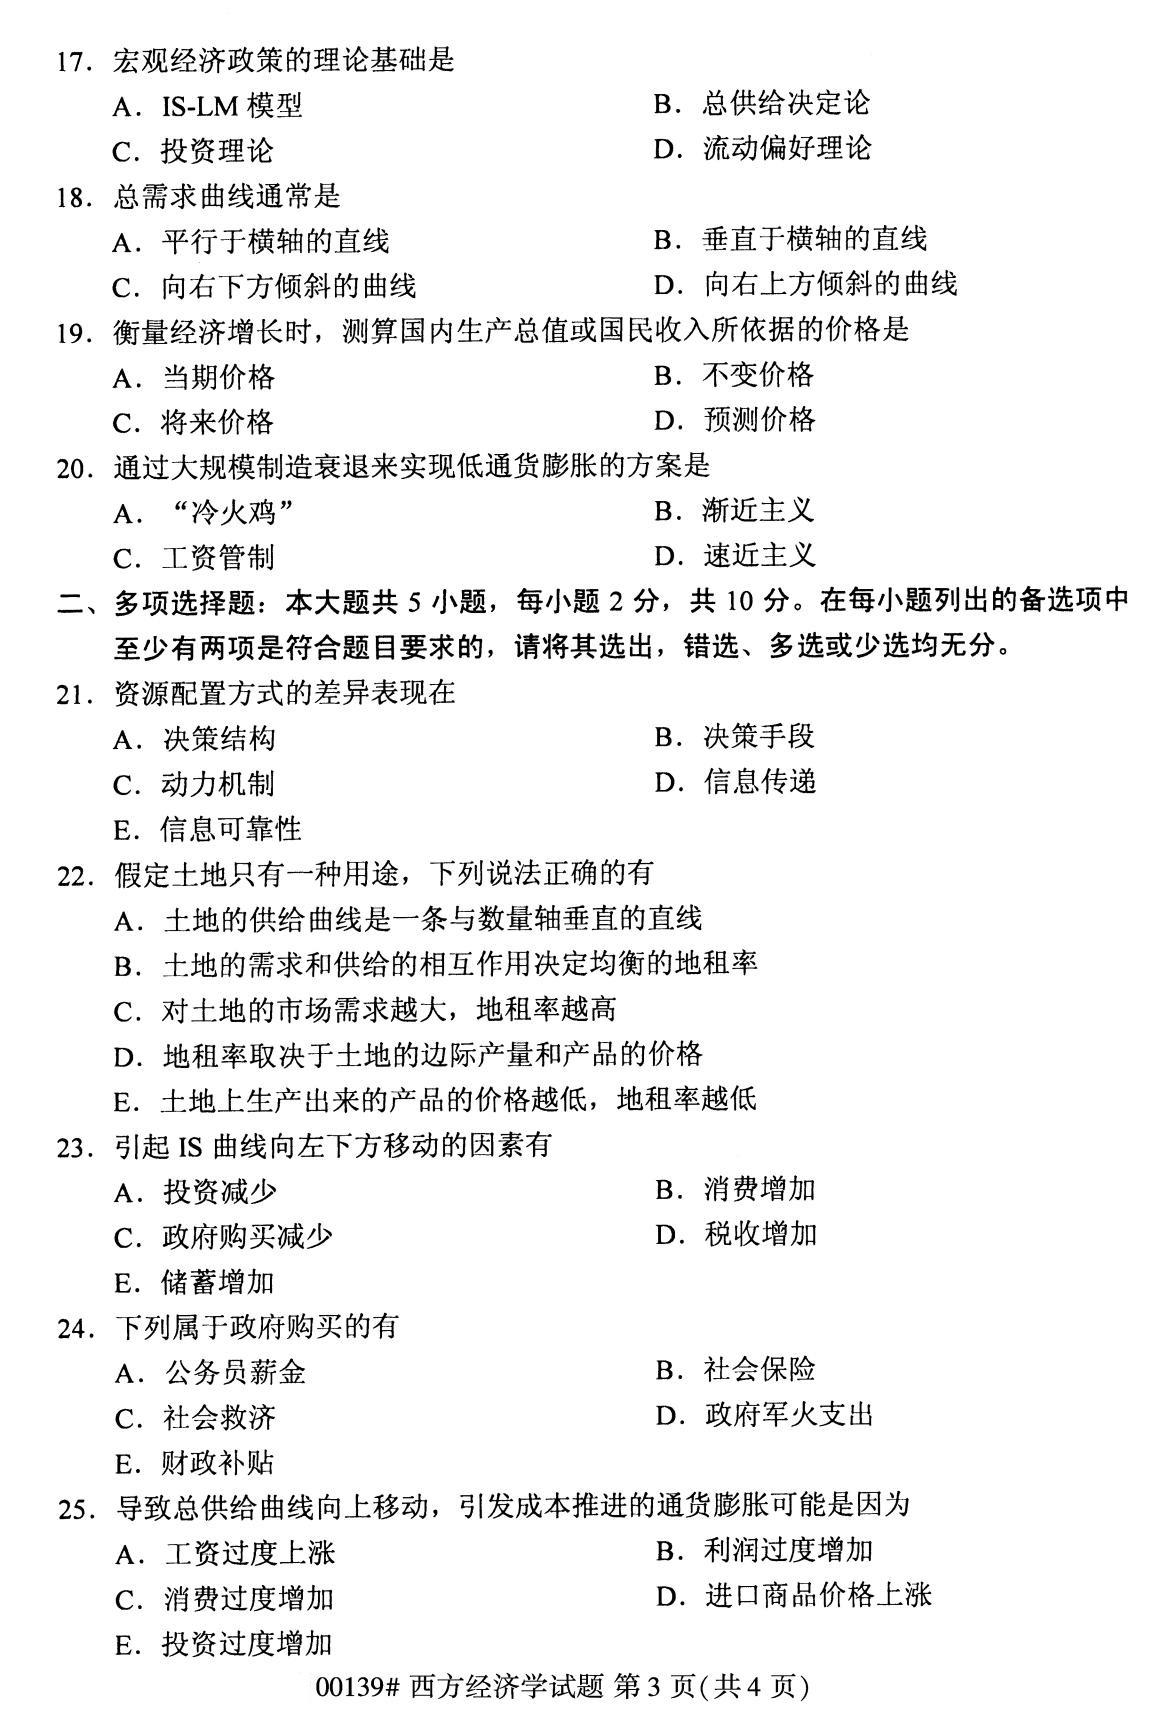 浙江自考本科:2020年8月自考00139西方经济学试题3